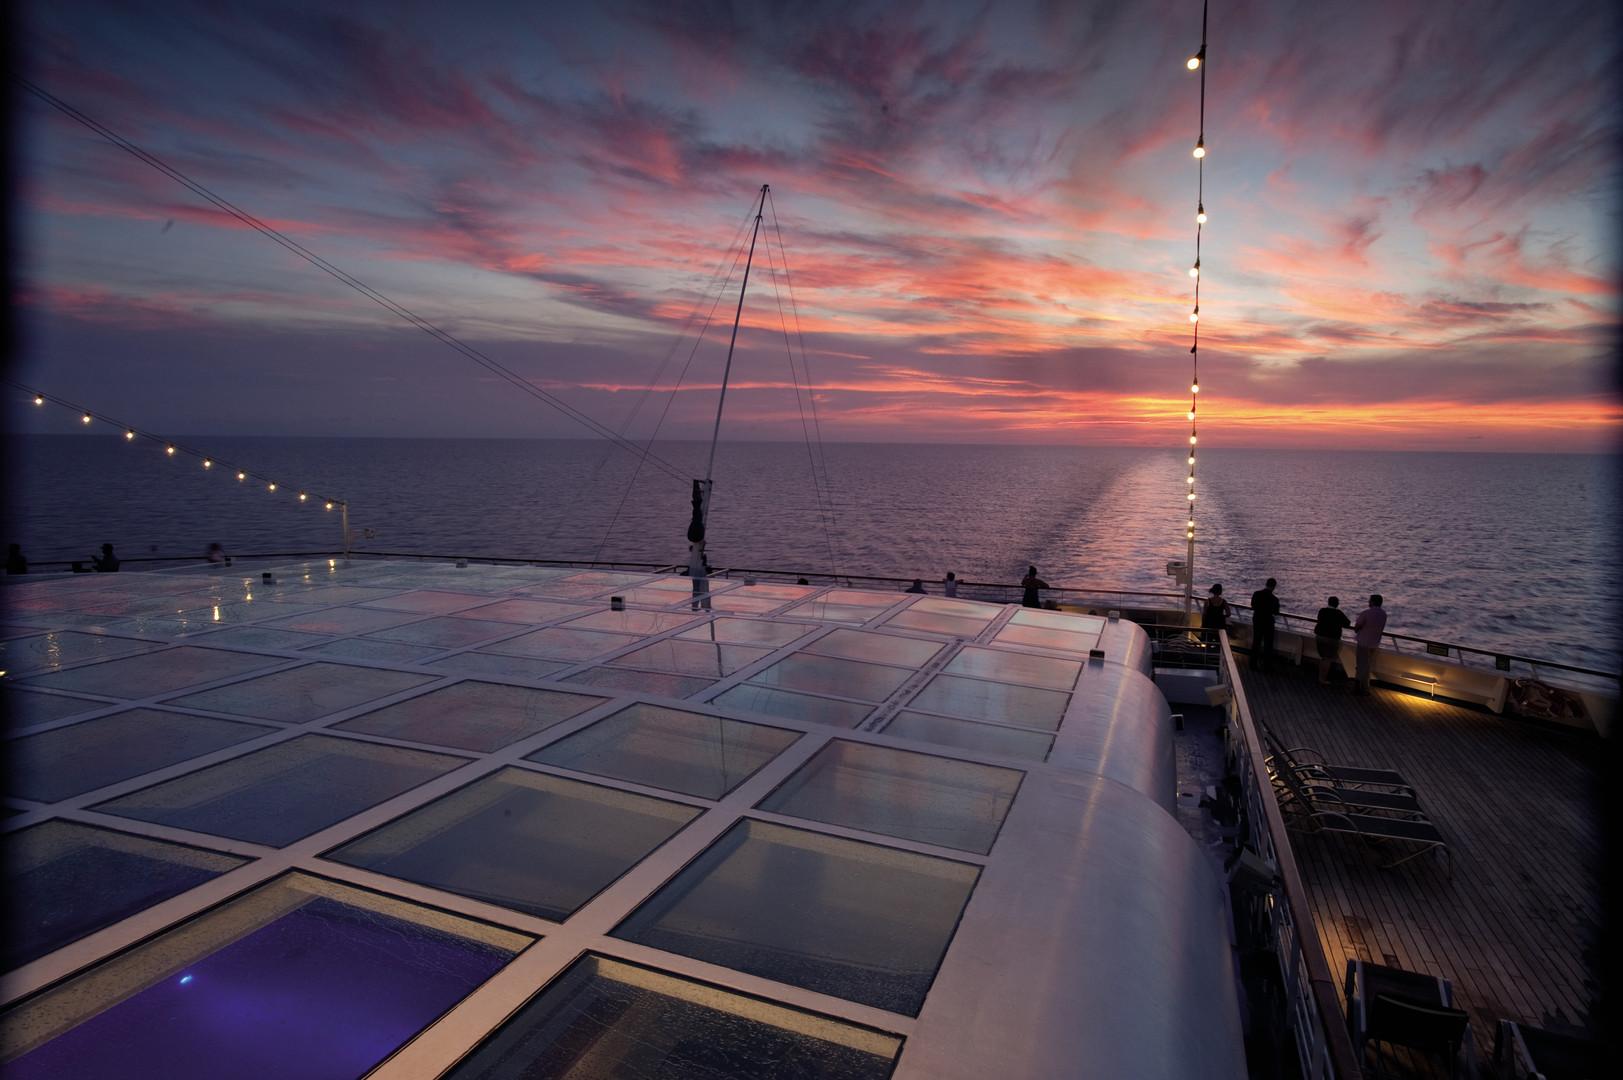 CL_CQ_LidoDeck_Sunset03.jpg